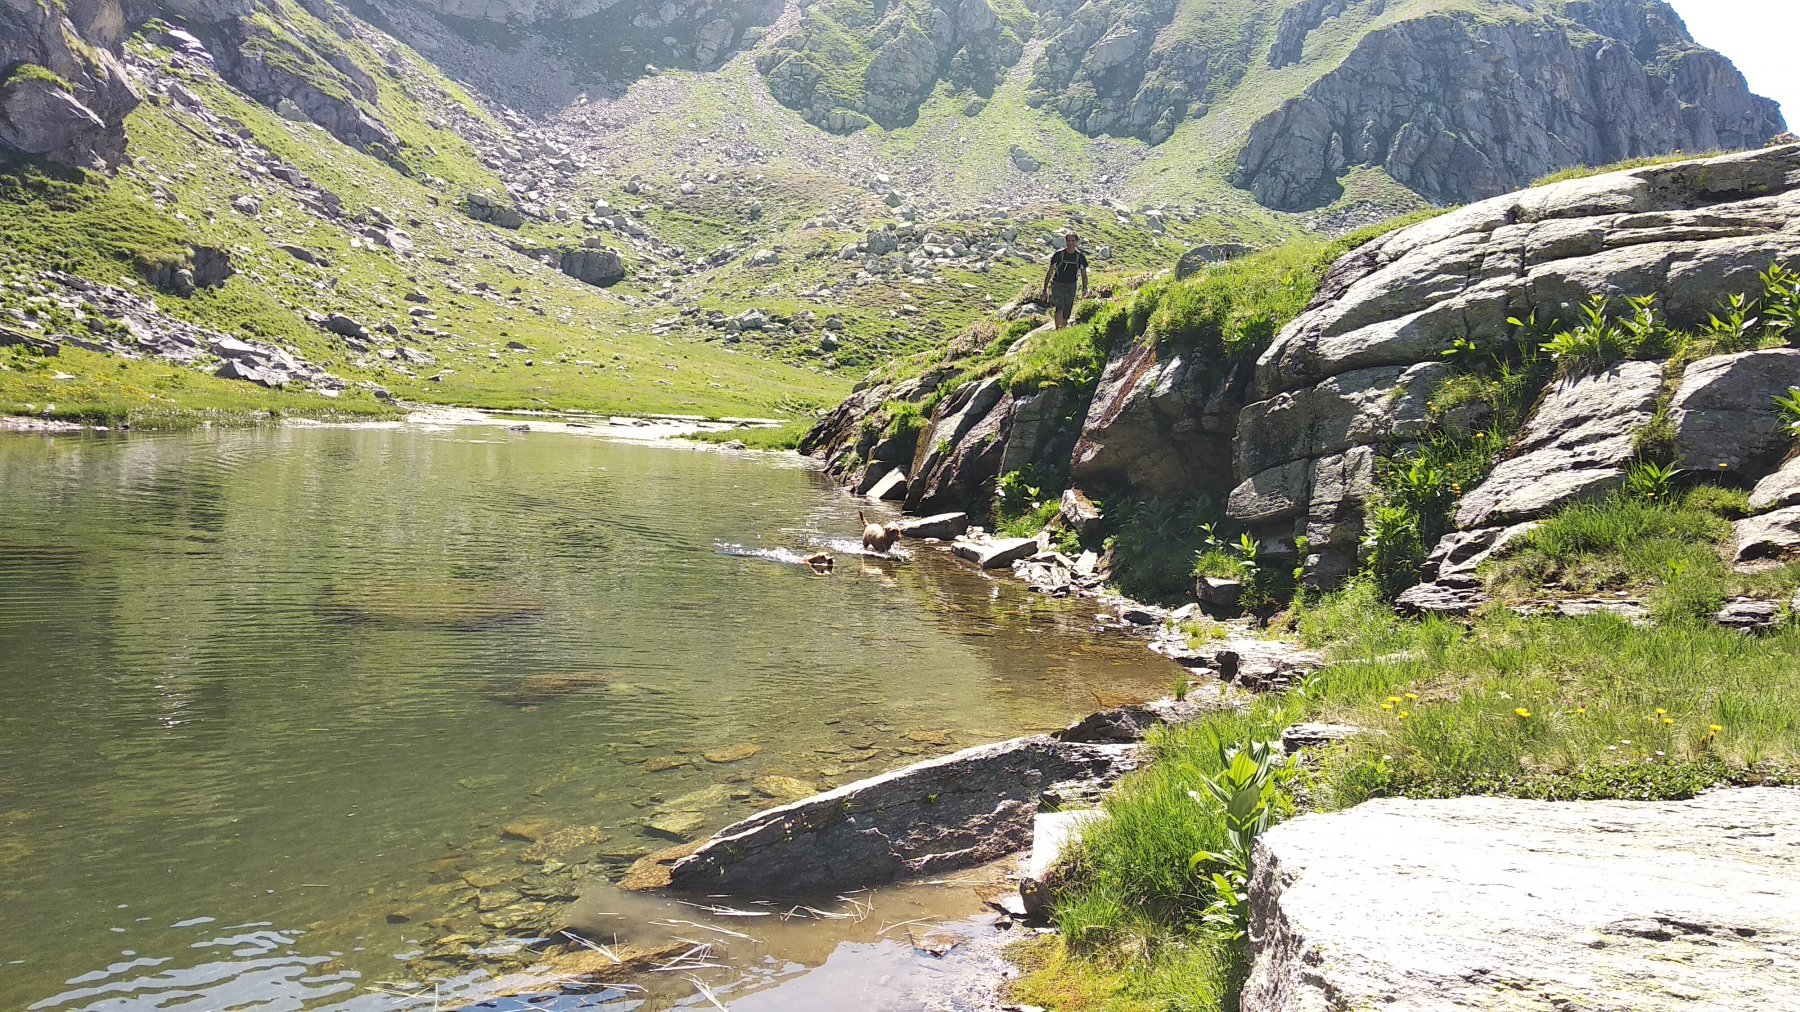 Bagno al laghetto di Lee